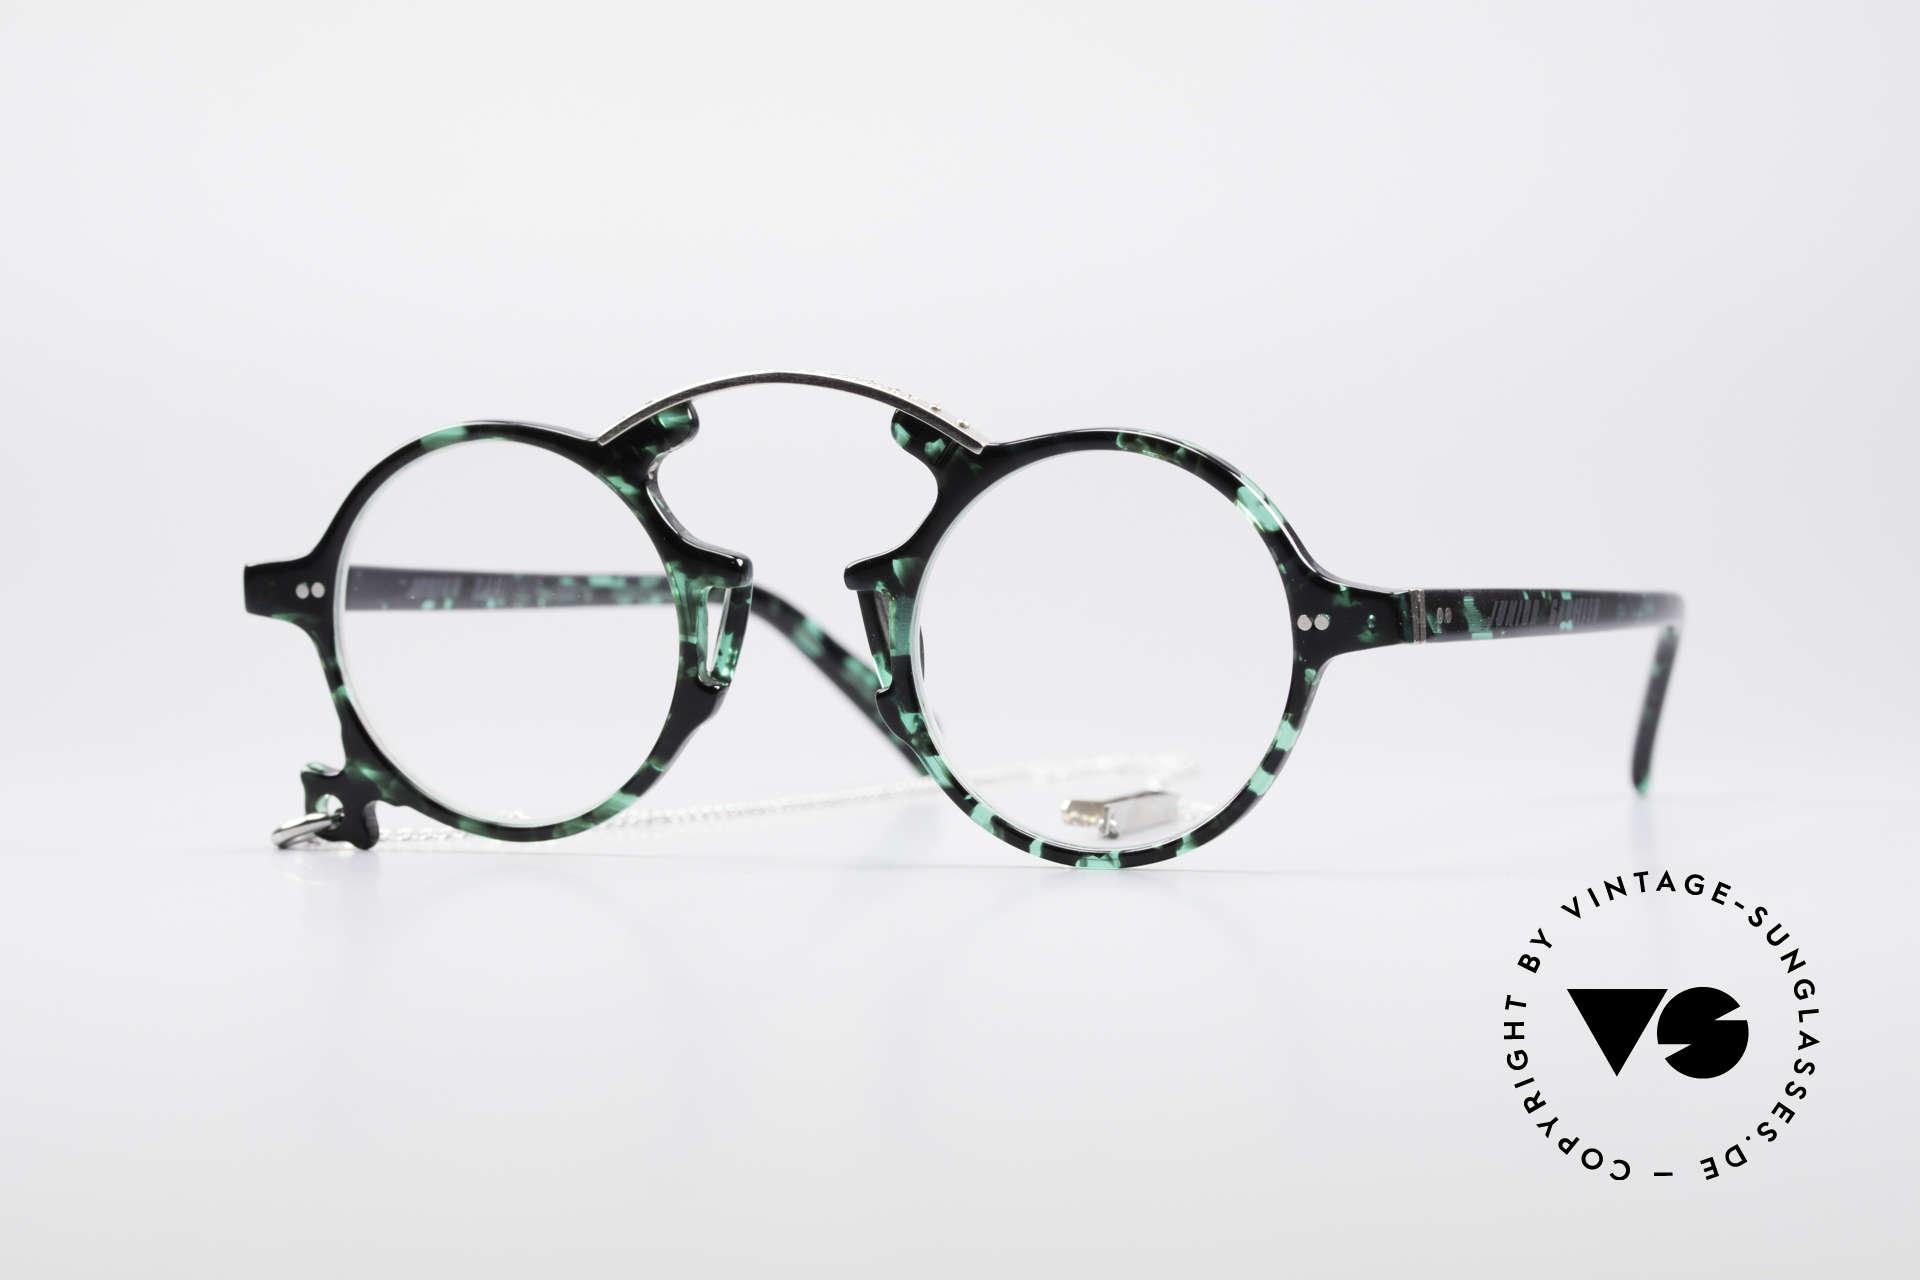 Jean Paul Gaultier 58-0271 Steampunk Vintage Brille, runde vintage Jean Paul Gaultier Designer-Fassung, Passend für Herren und Damen